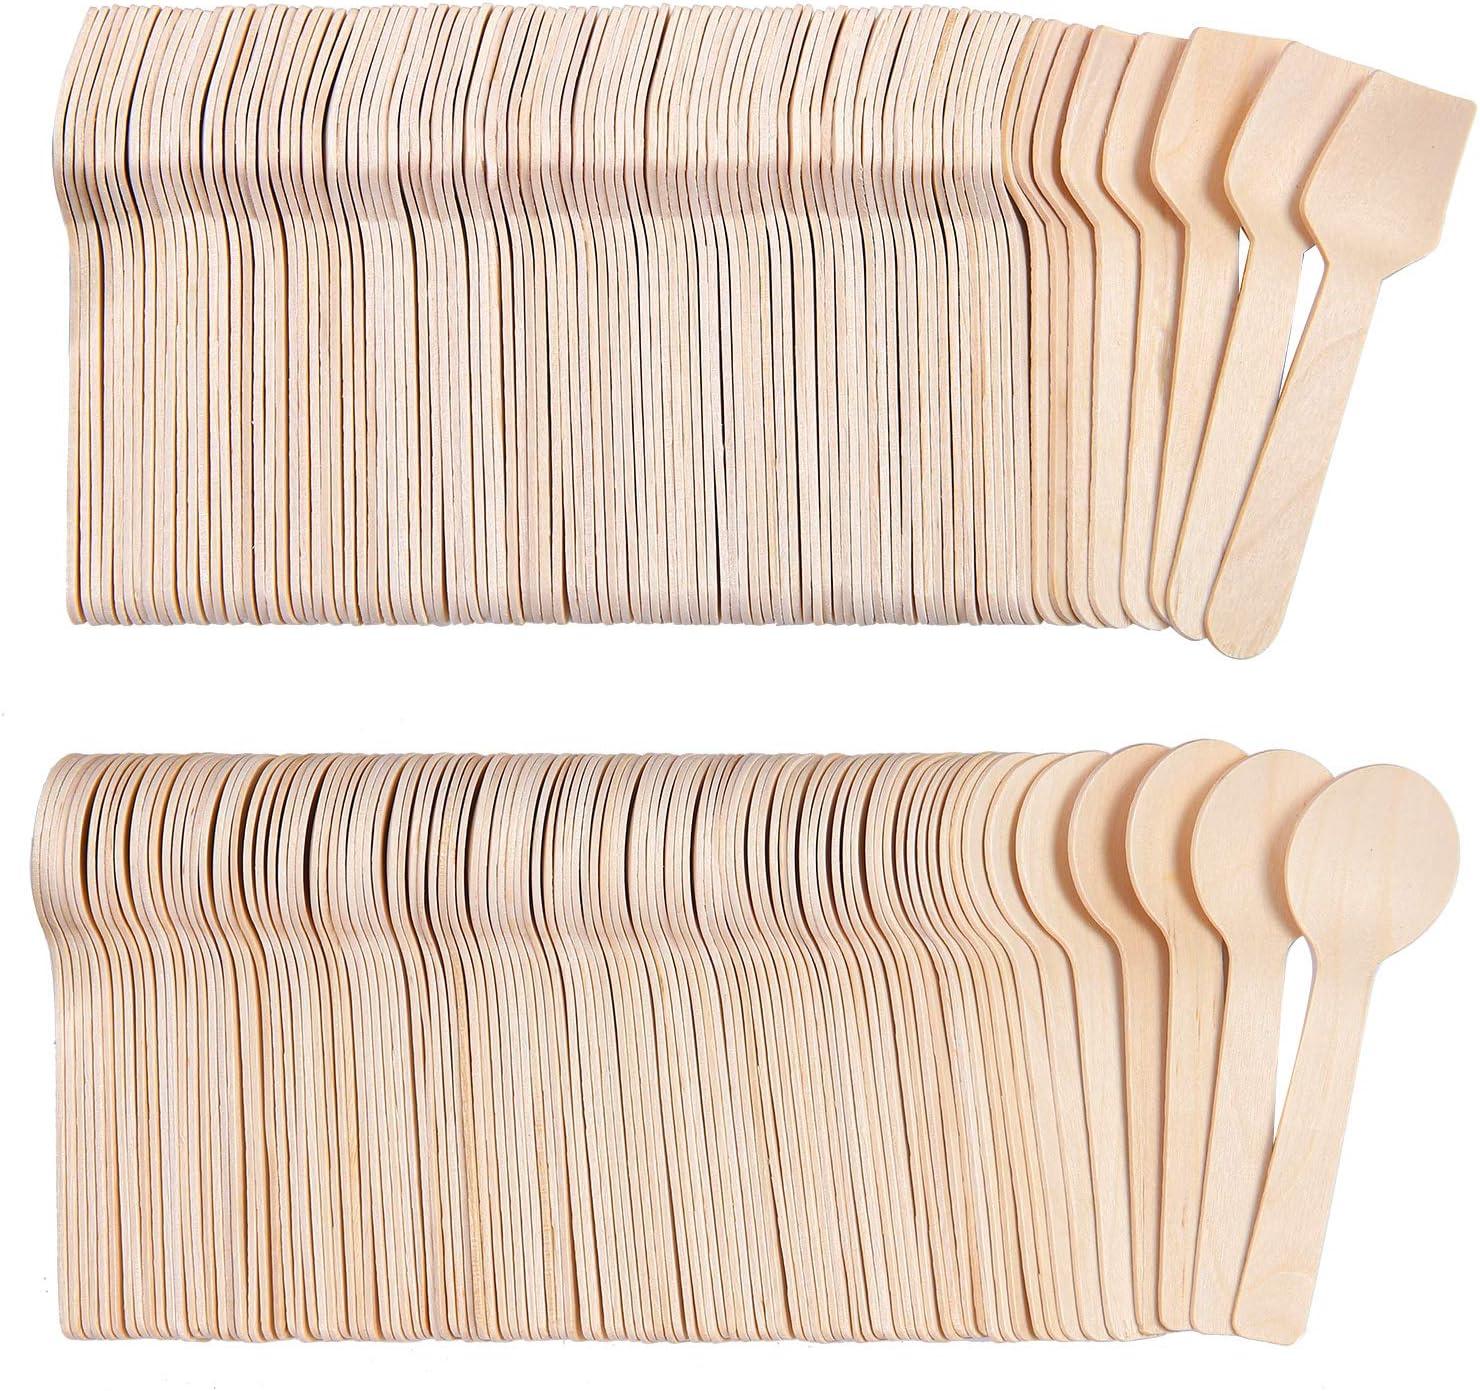 biod/égradables /év/énements et mariages /écologiques Tupa Lot de 200 mini cuill/ères en bois carr/ées et cuill/ères rondes jetables pour f/êtes